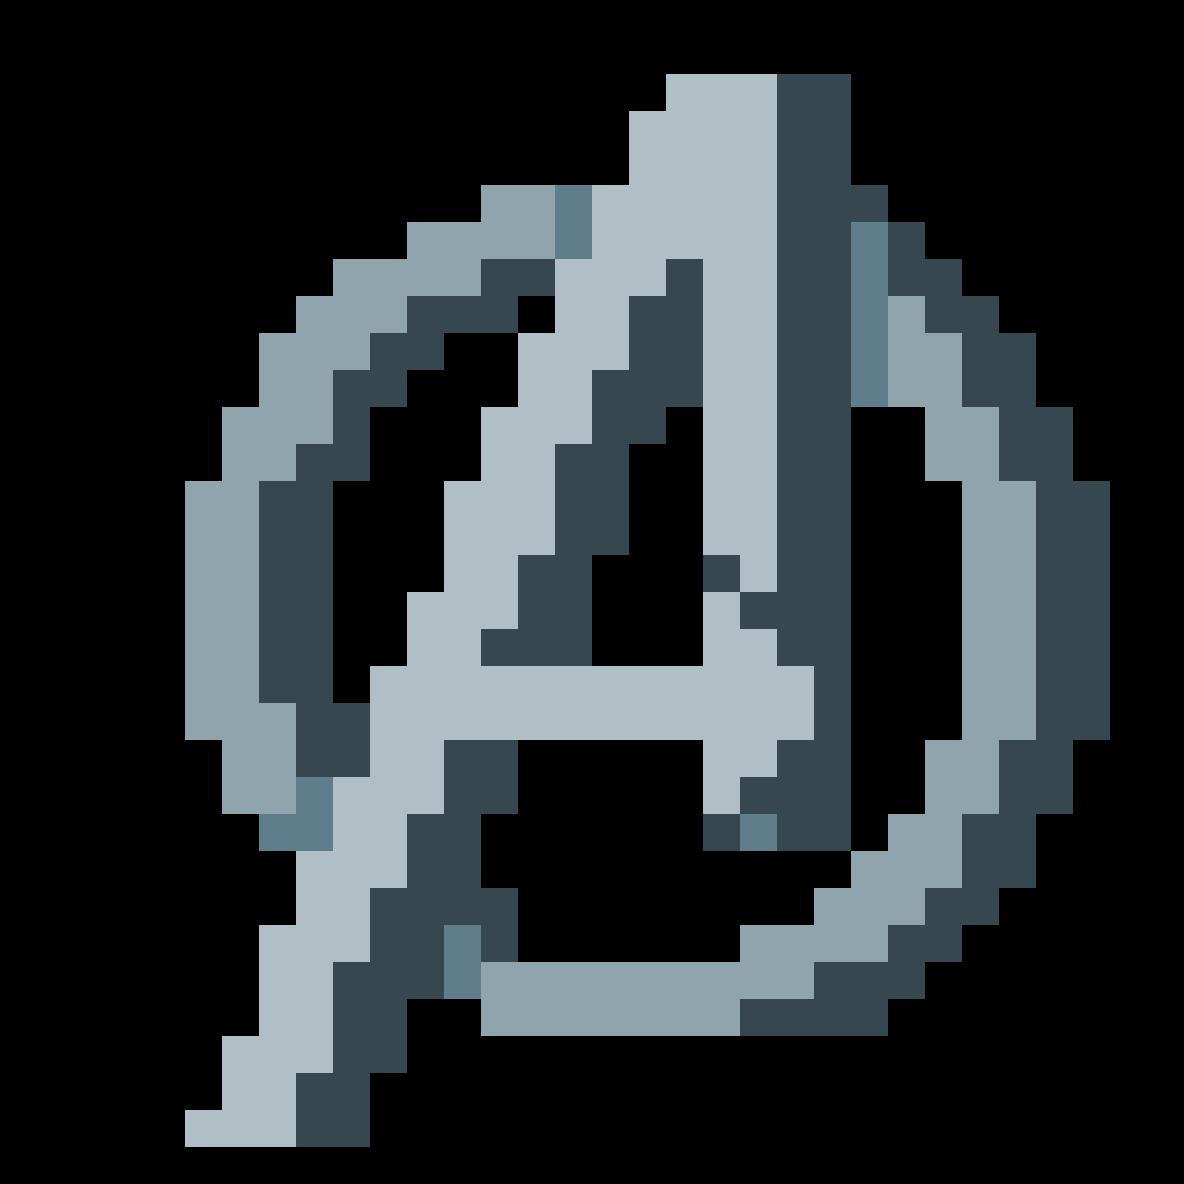 Avengers logo by randompixelhb